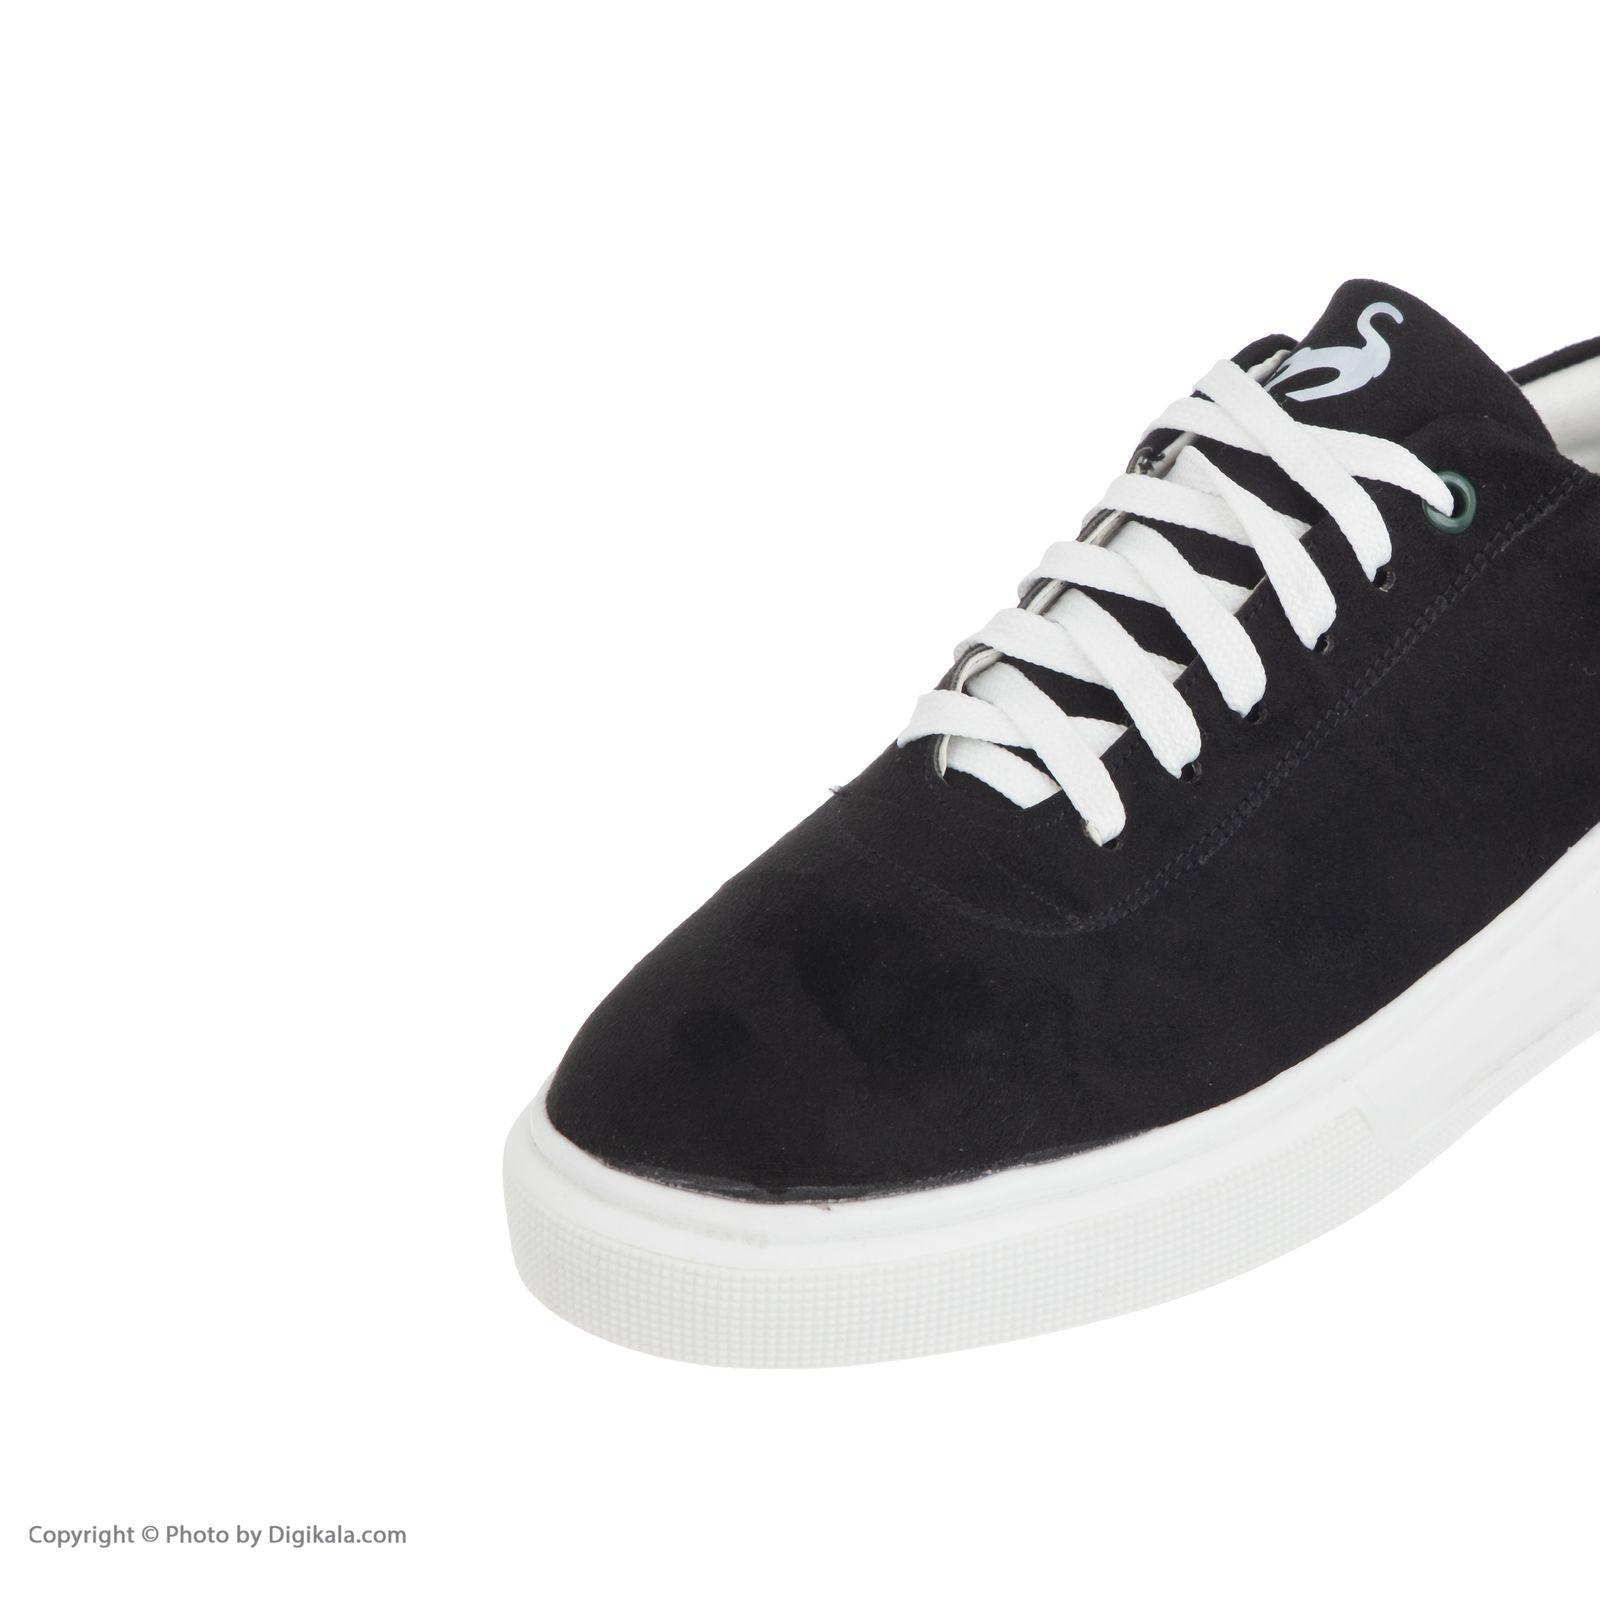 کفش راحتی زنانه آر اِن اِس مدل 113002-99 -  - 5